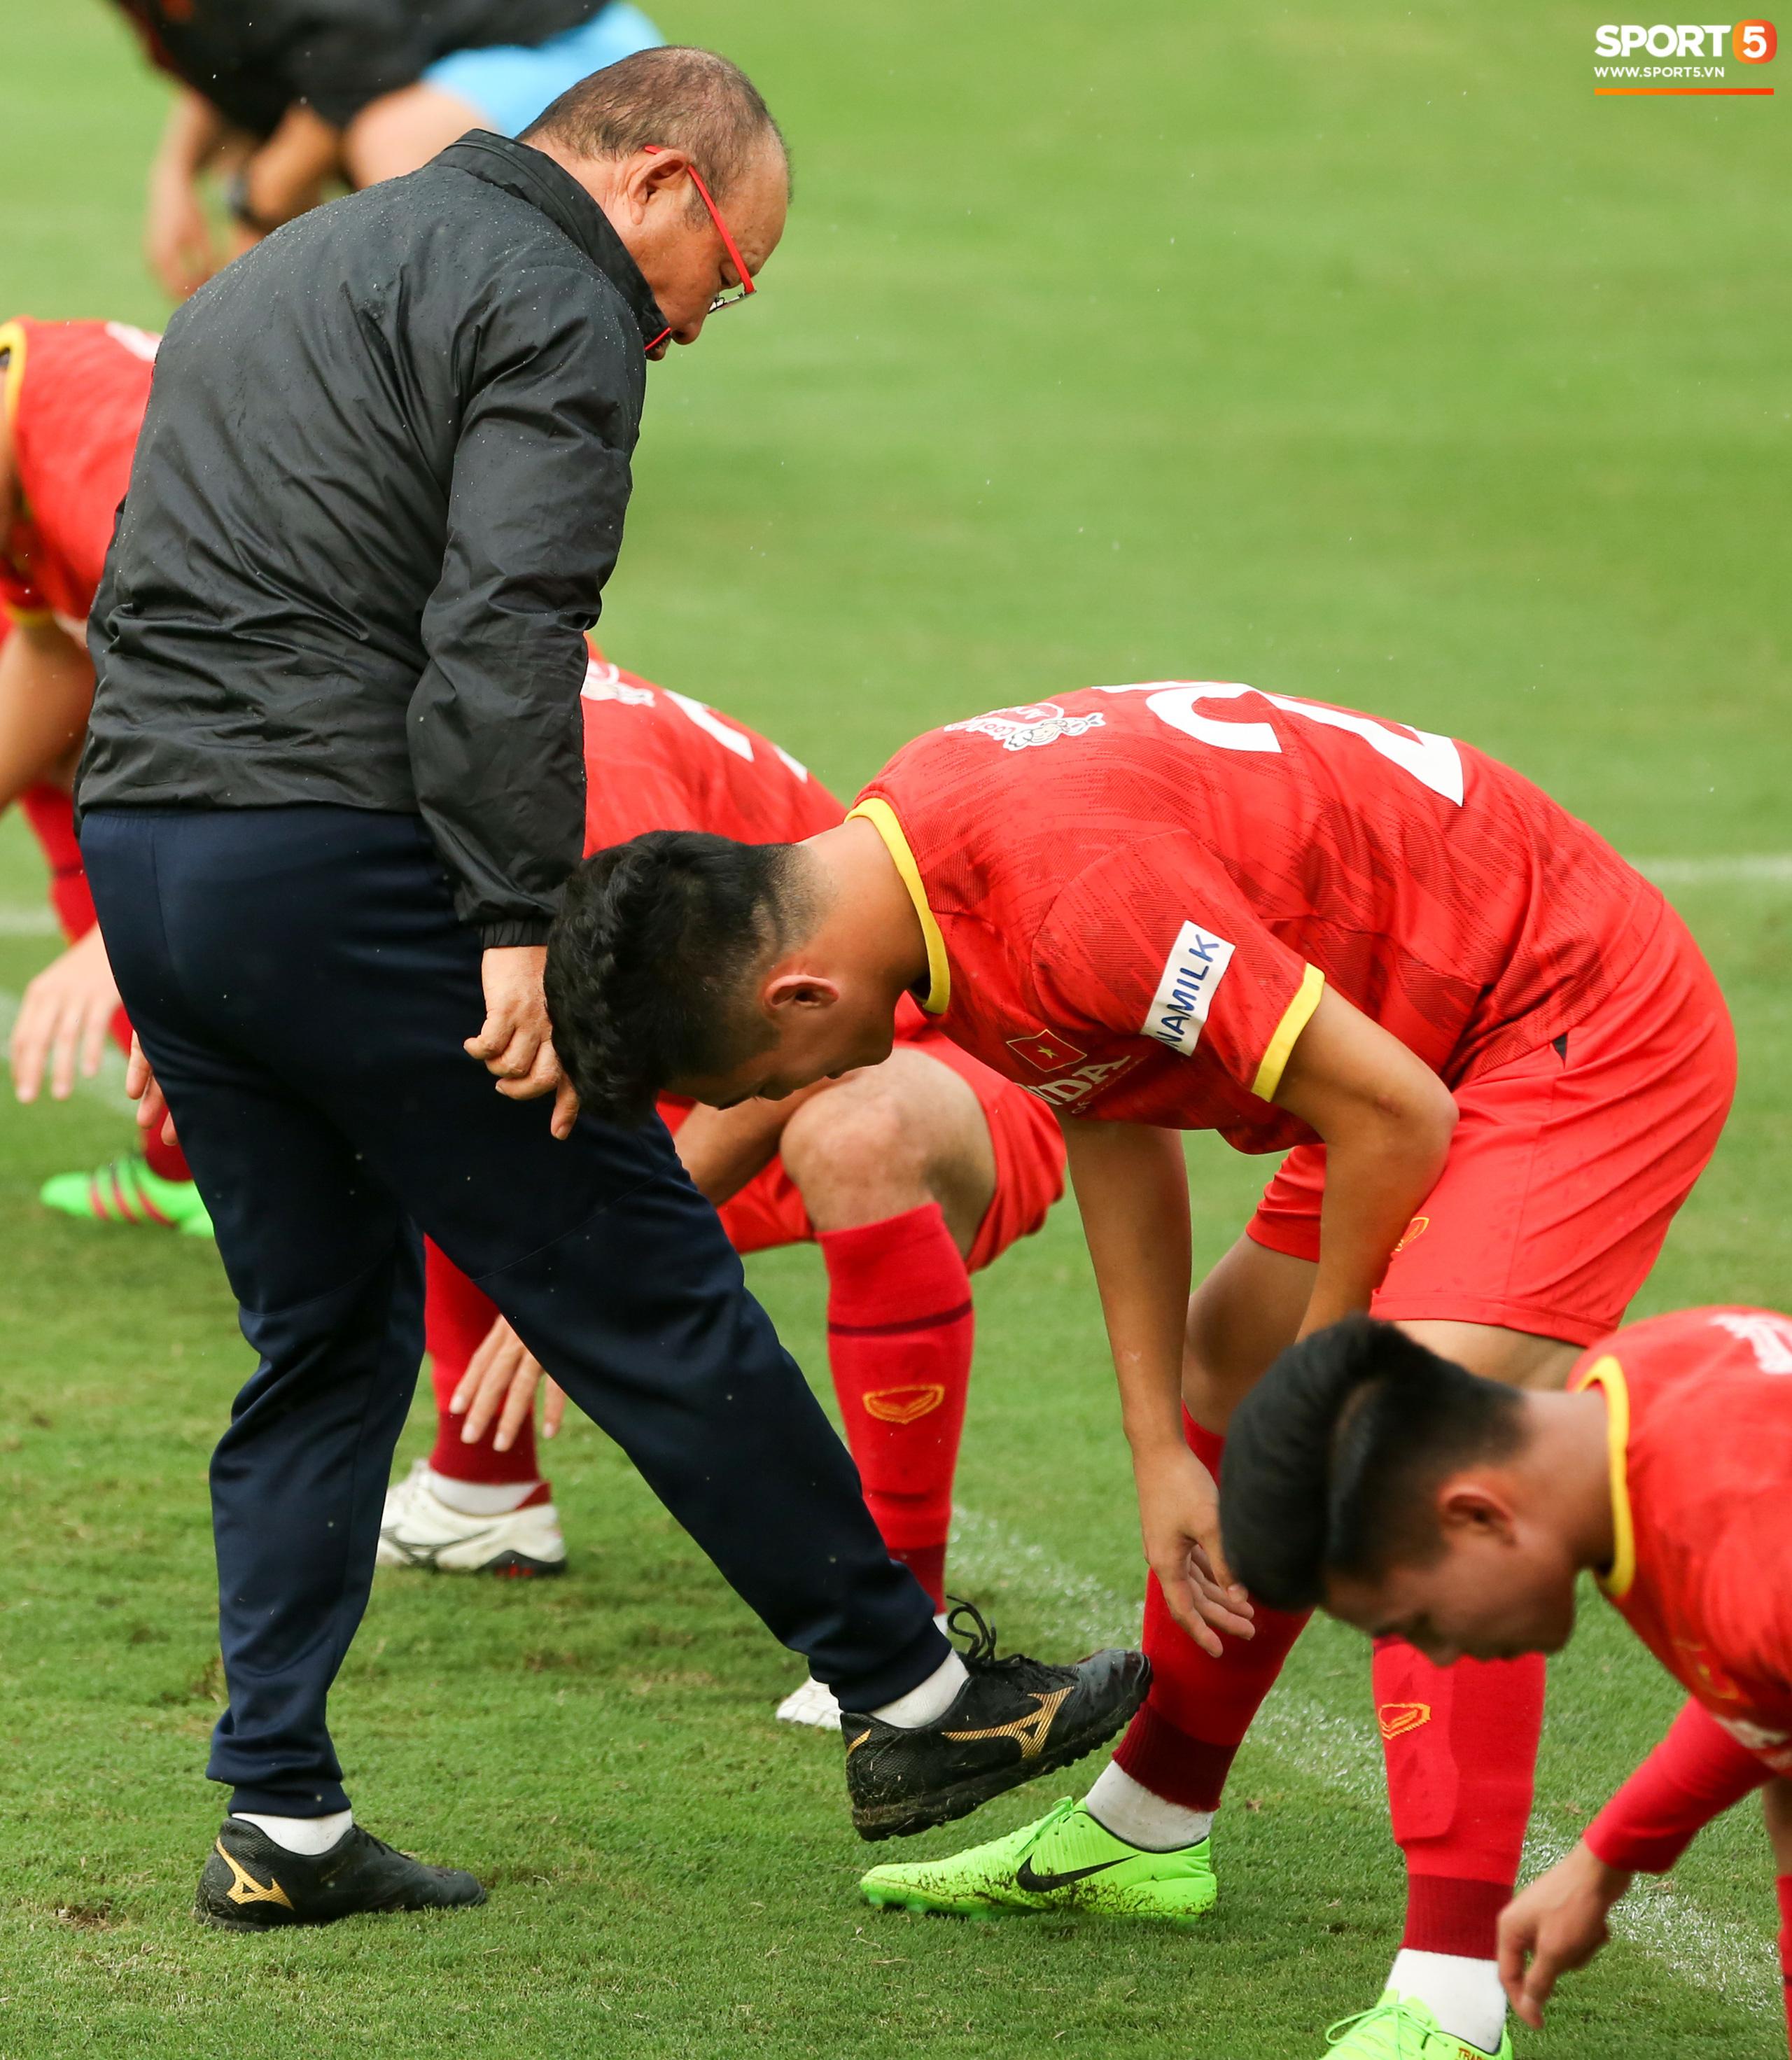 HLV Park Hang-seo dạy riêng Công Phượng, nhắc nhở Tiến Linh về trang phục - Ảnh 8.